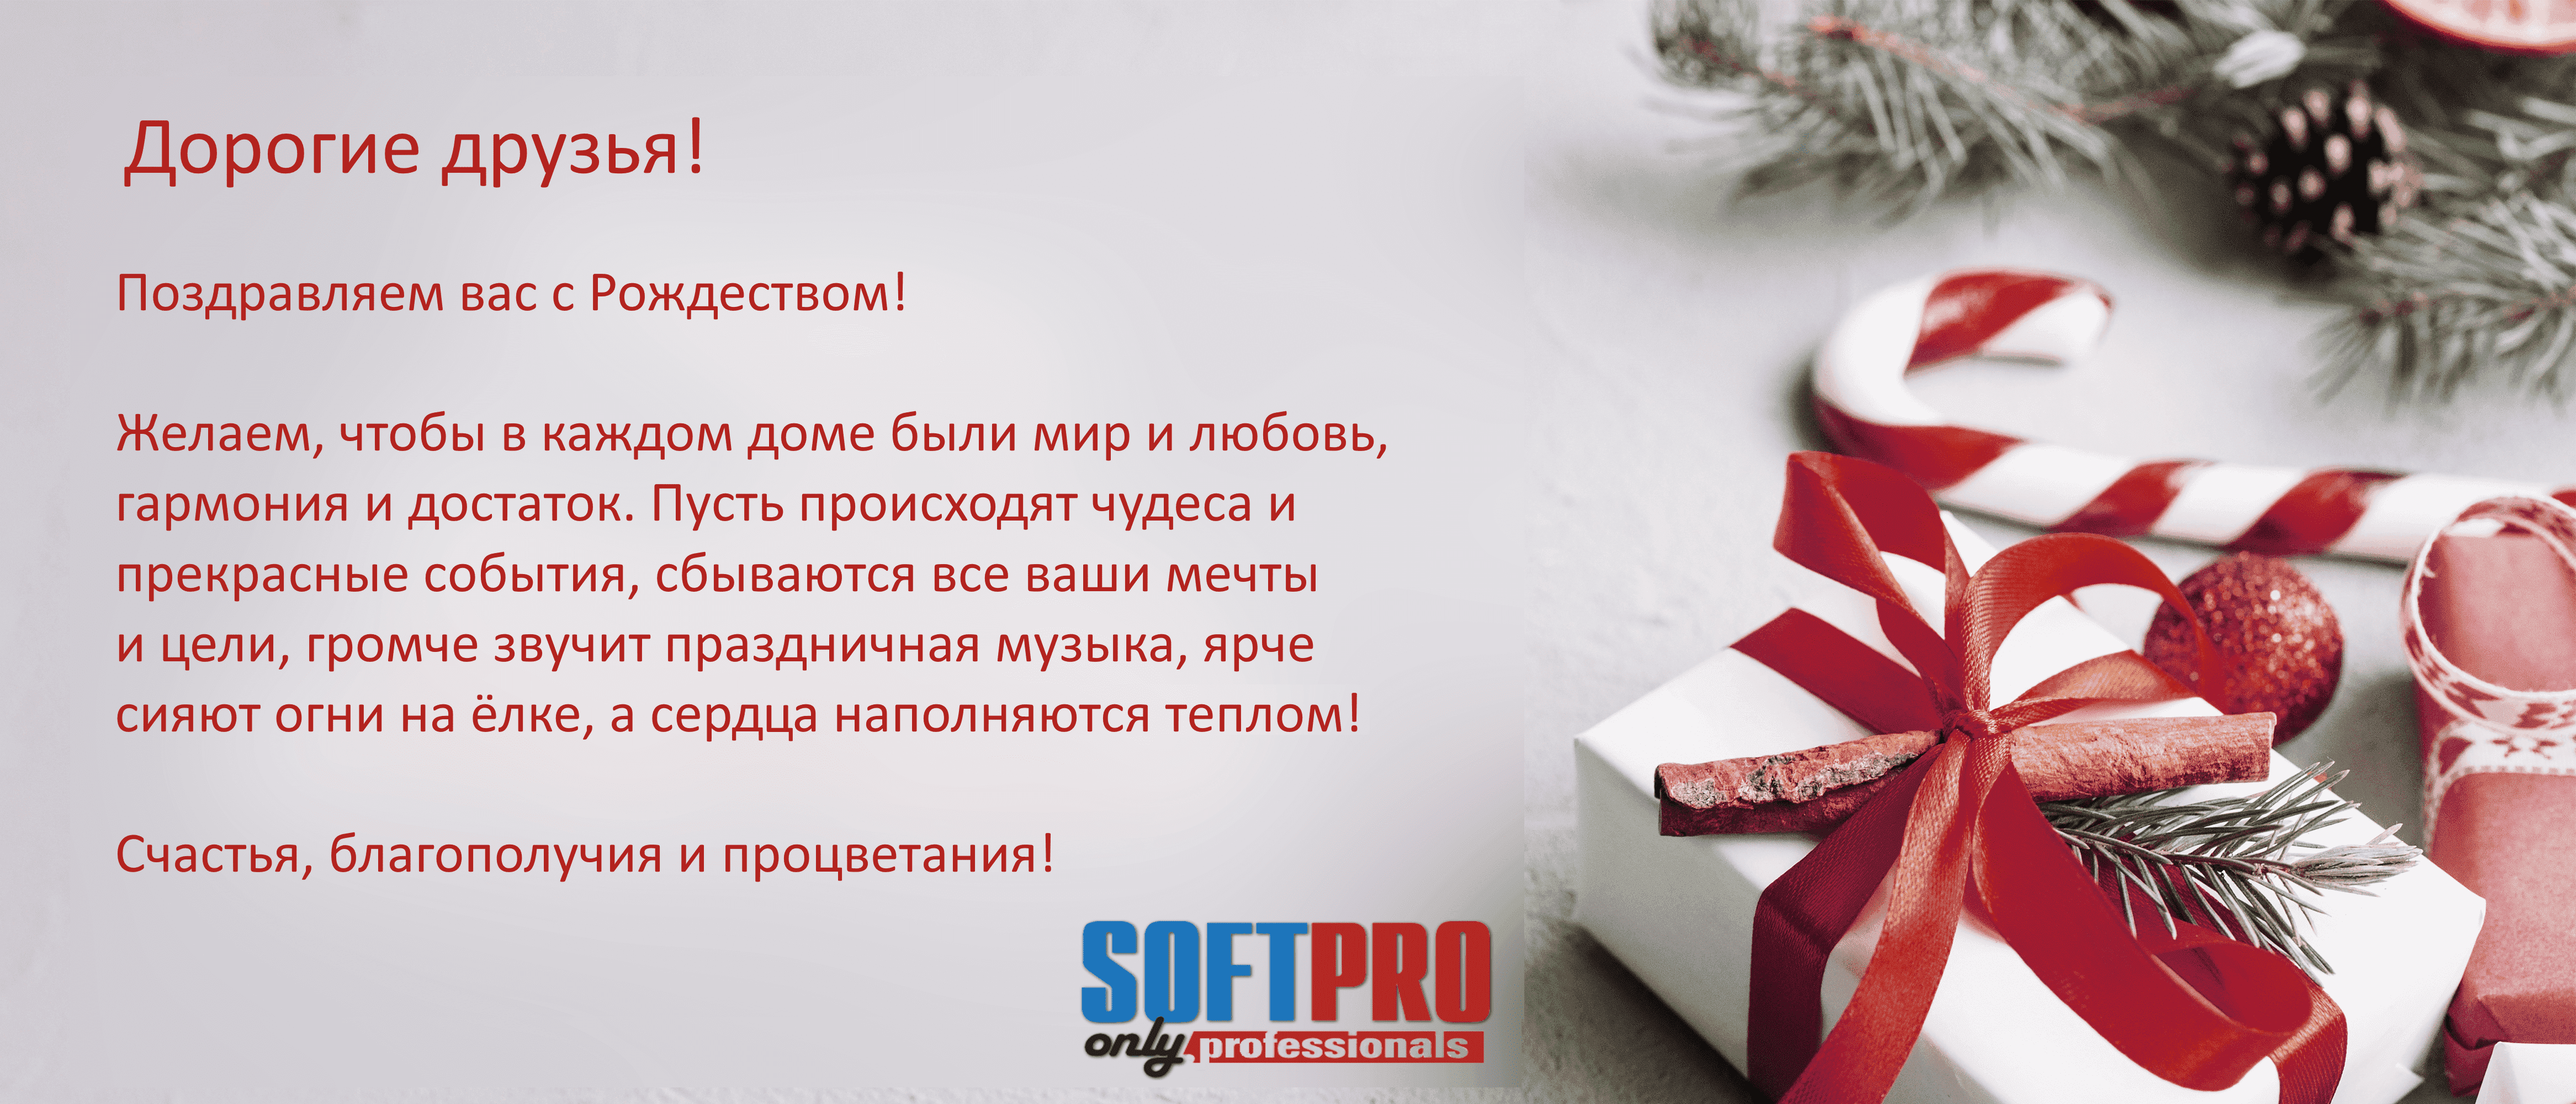 Поздравление с Рождеством Софт-Про Групп